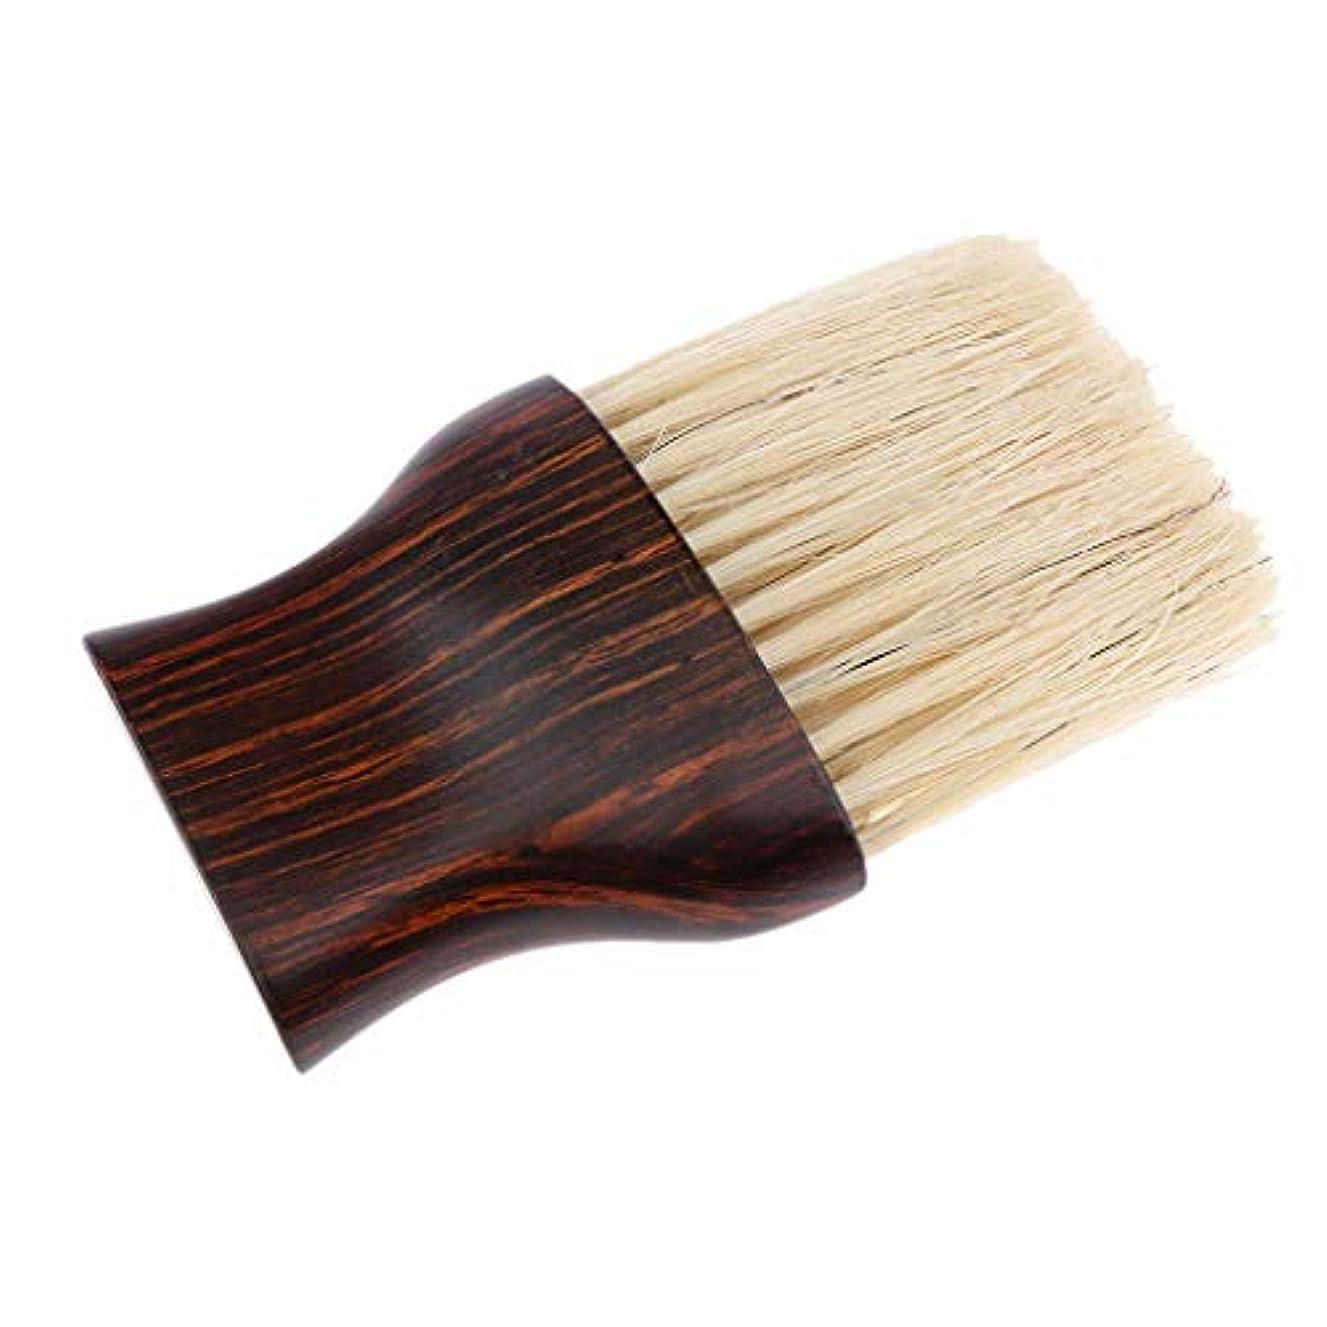 に変わるテープとらえどころのないT TOOYFUL ヘアブラシ 毛払いブラシ 散髪 髪切り 散髪用ツール 床屋 理髪店 美容院 ソフトブラシ